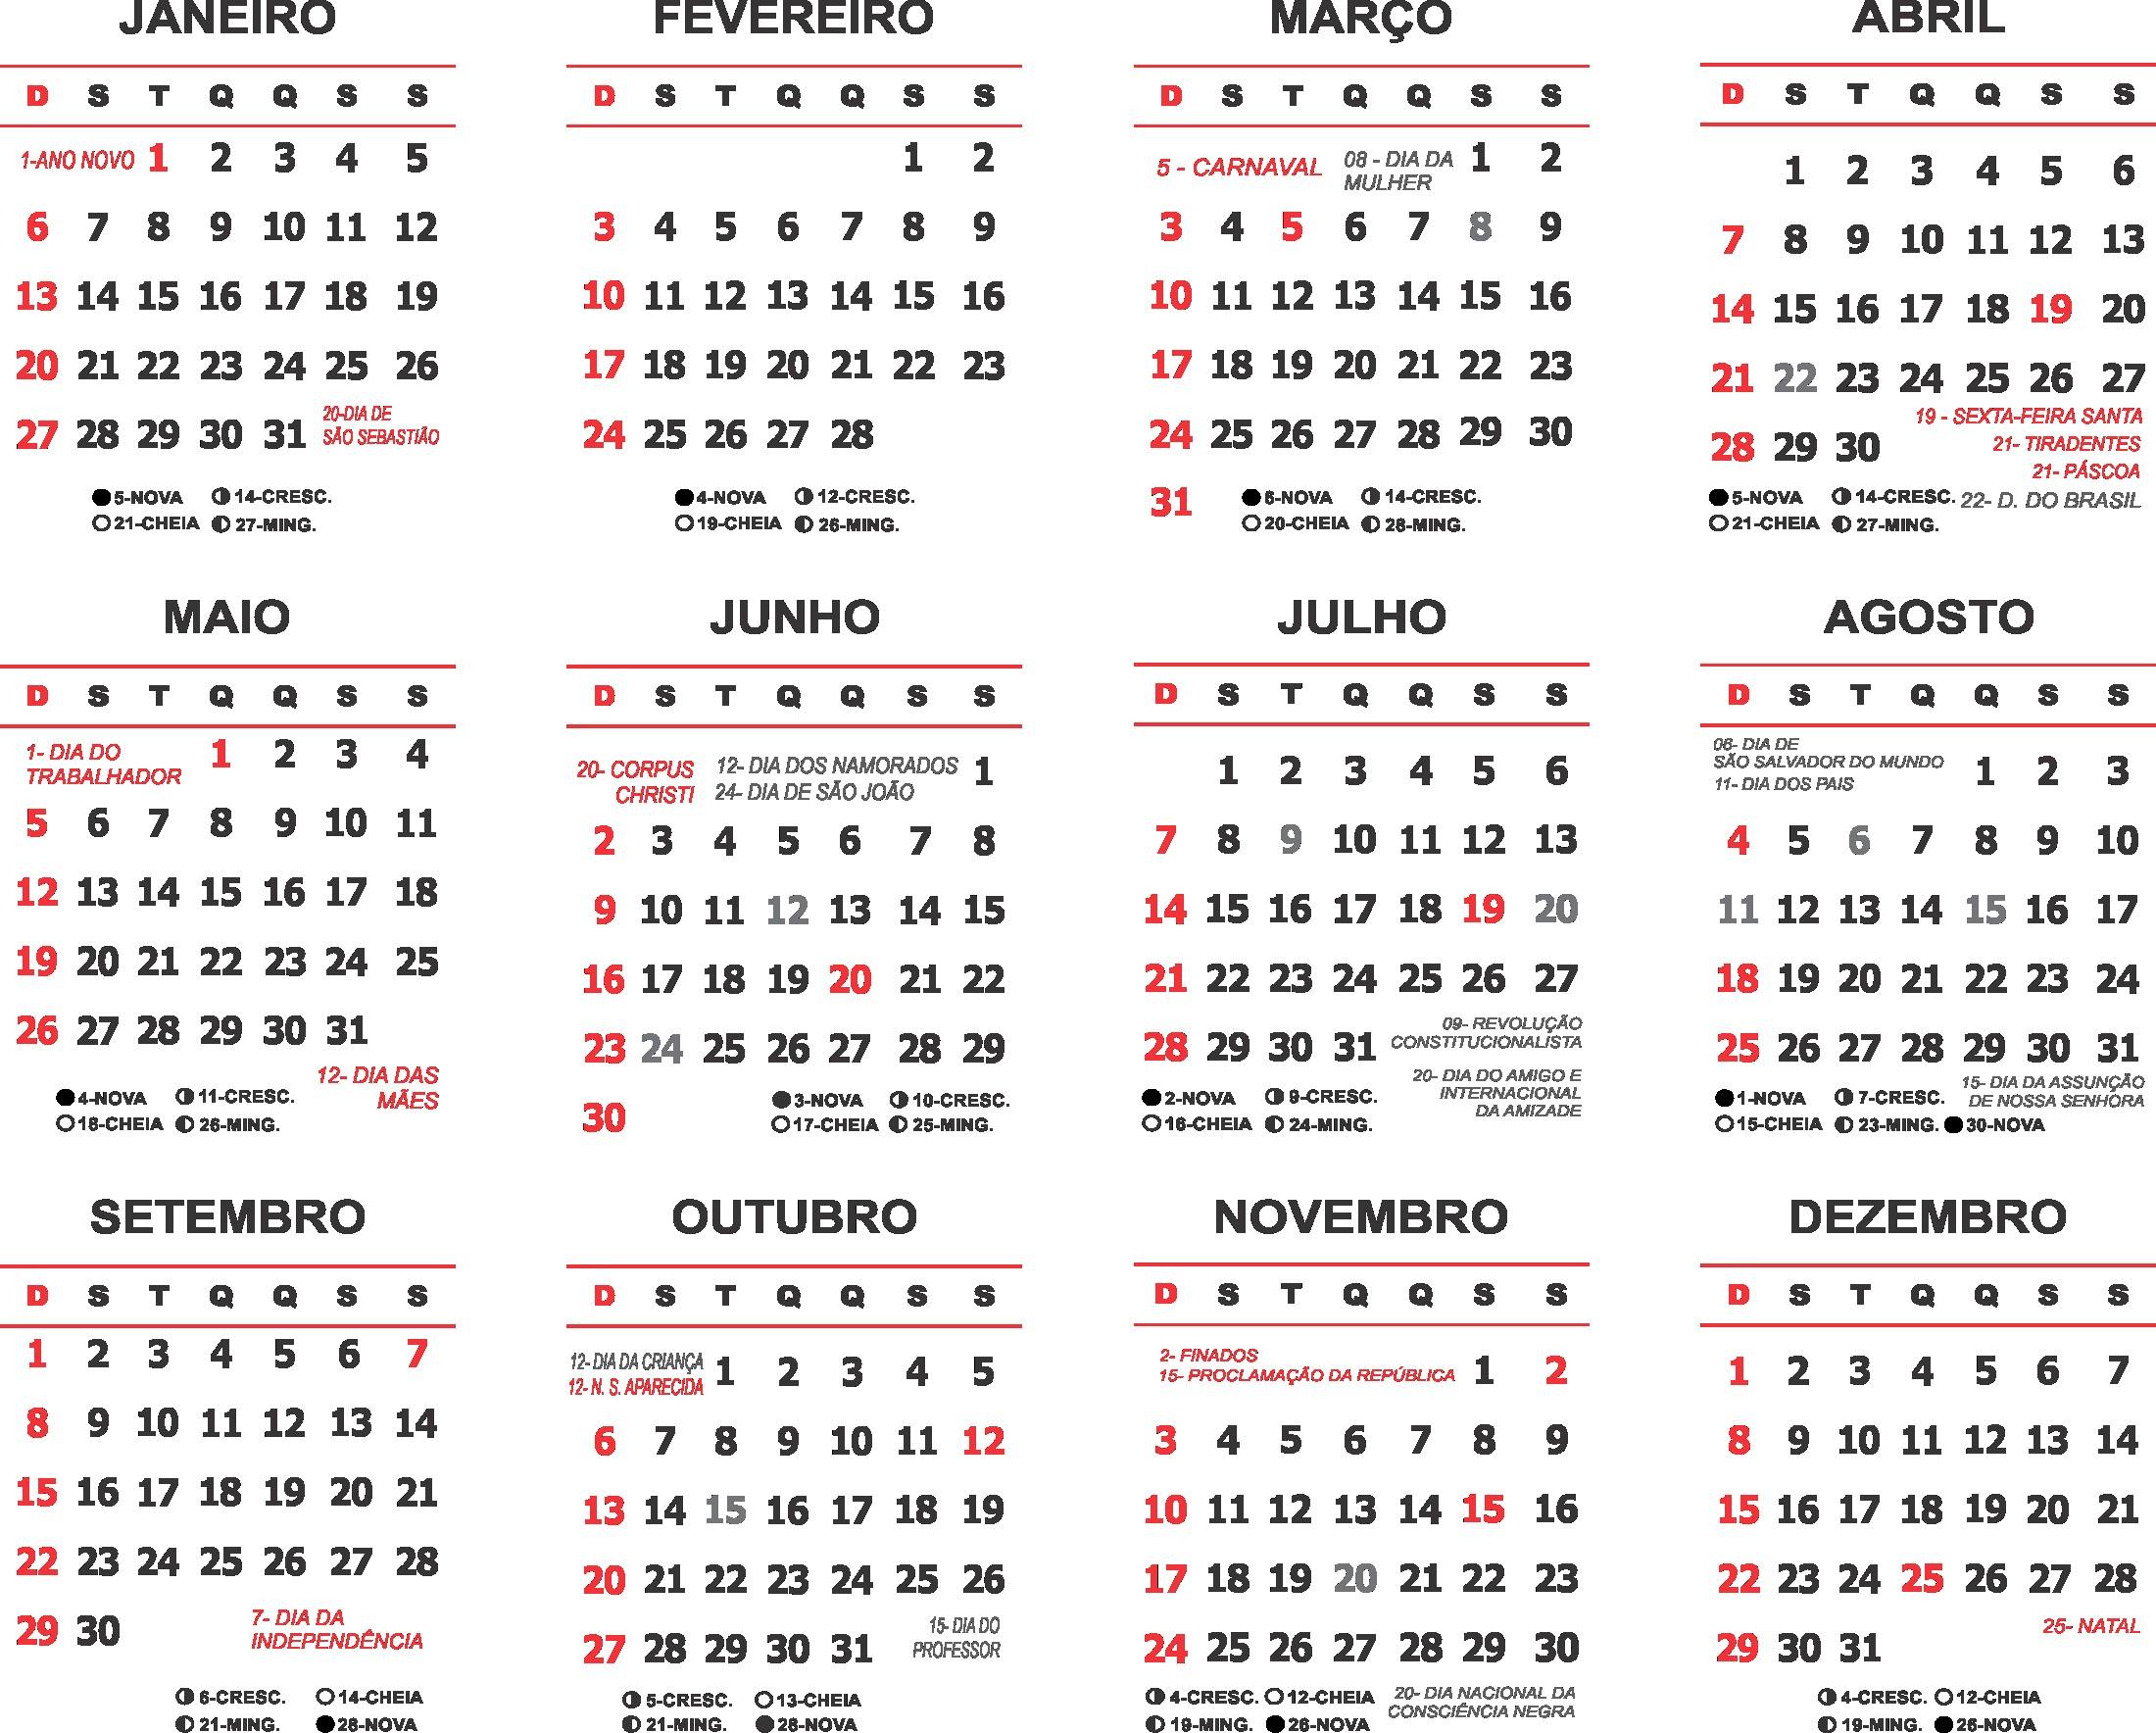 Calendario 2019 Dias Festivos Colombia Más Arriba-a-fecha Yllana Calendario 2019 2018 12 Of Calendario 2019 Dias Festivos Colombia Más Arriba-a-fecha Pin De Calendario Hispano En Calendario Con Feriados A±o 2020